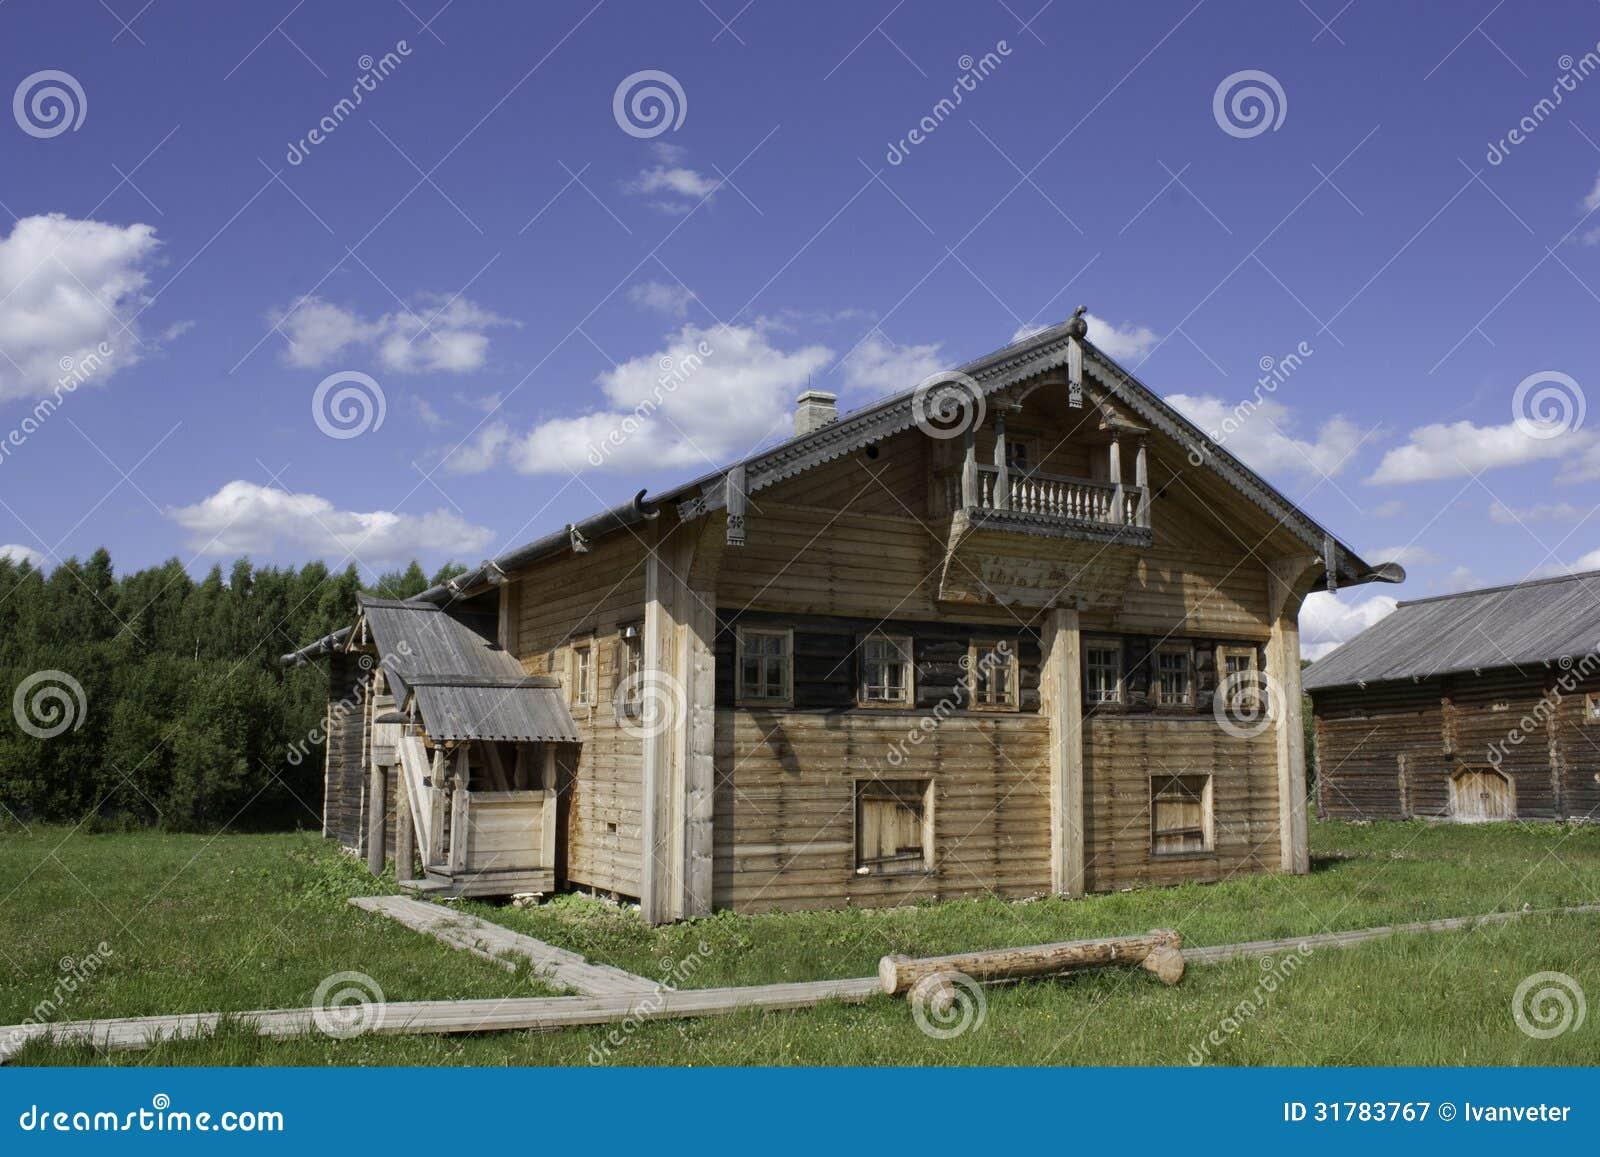 Maison traditionnelle du nord russe image stock image for Maison traditionnelle nord